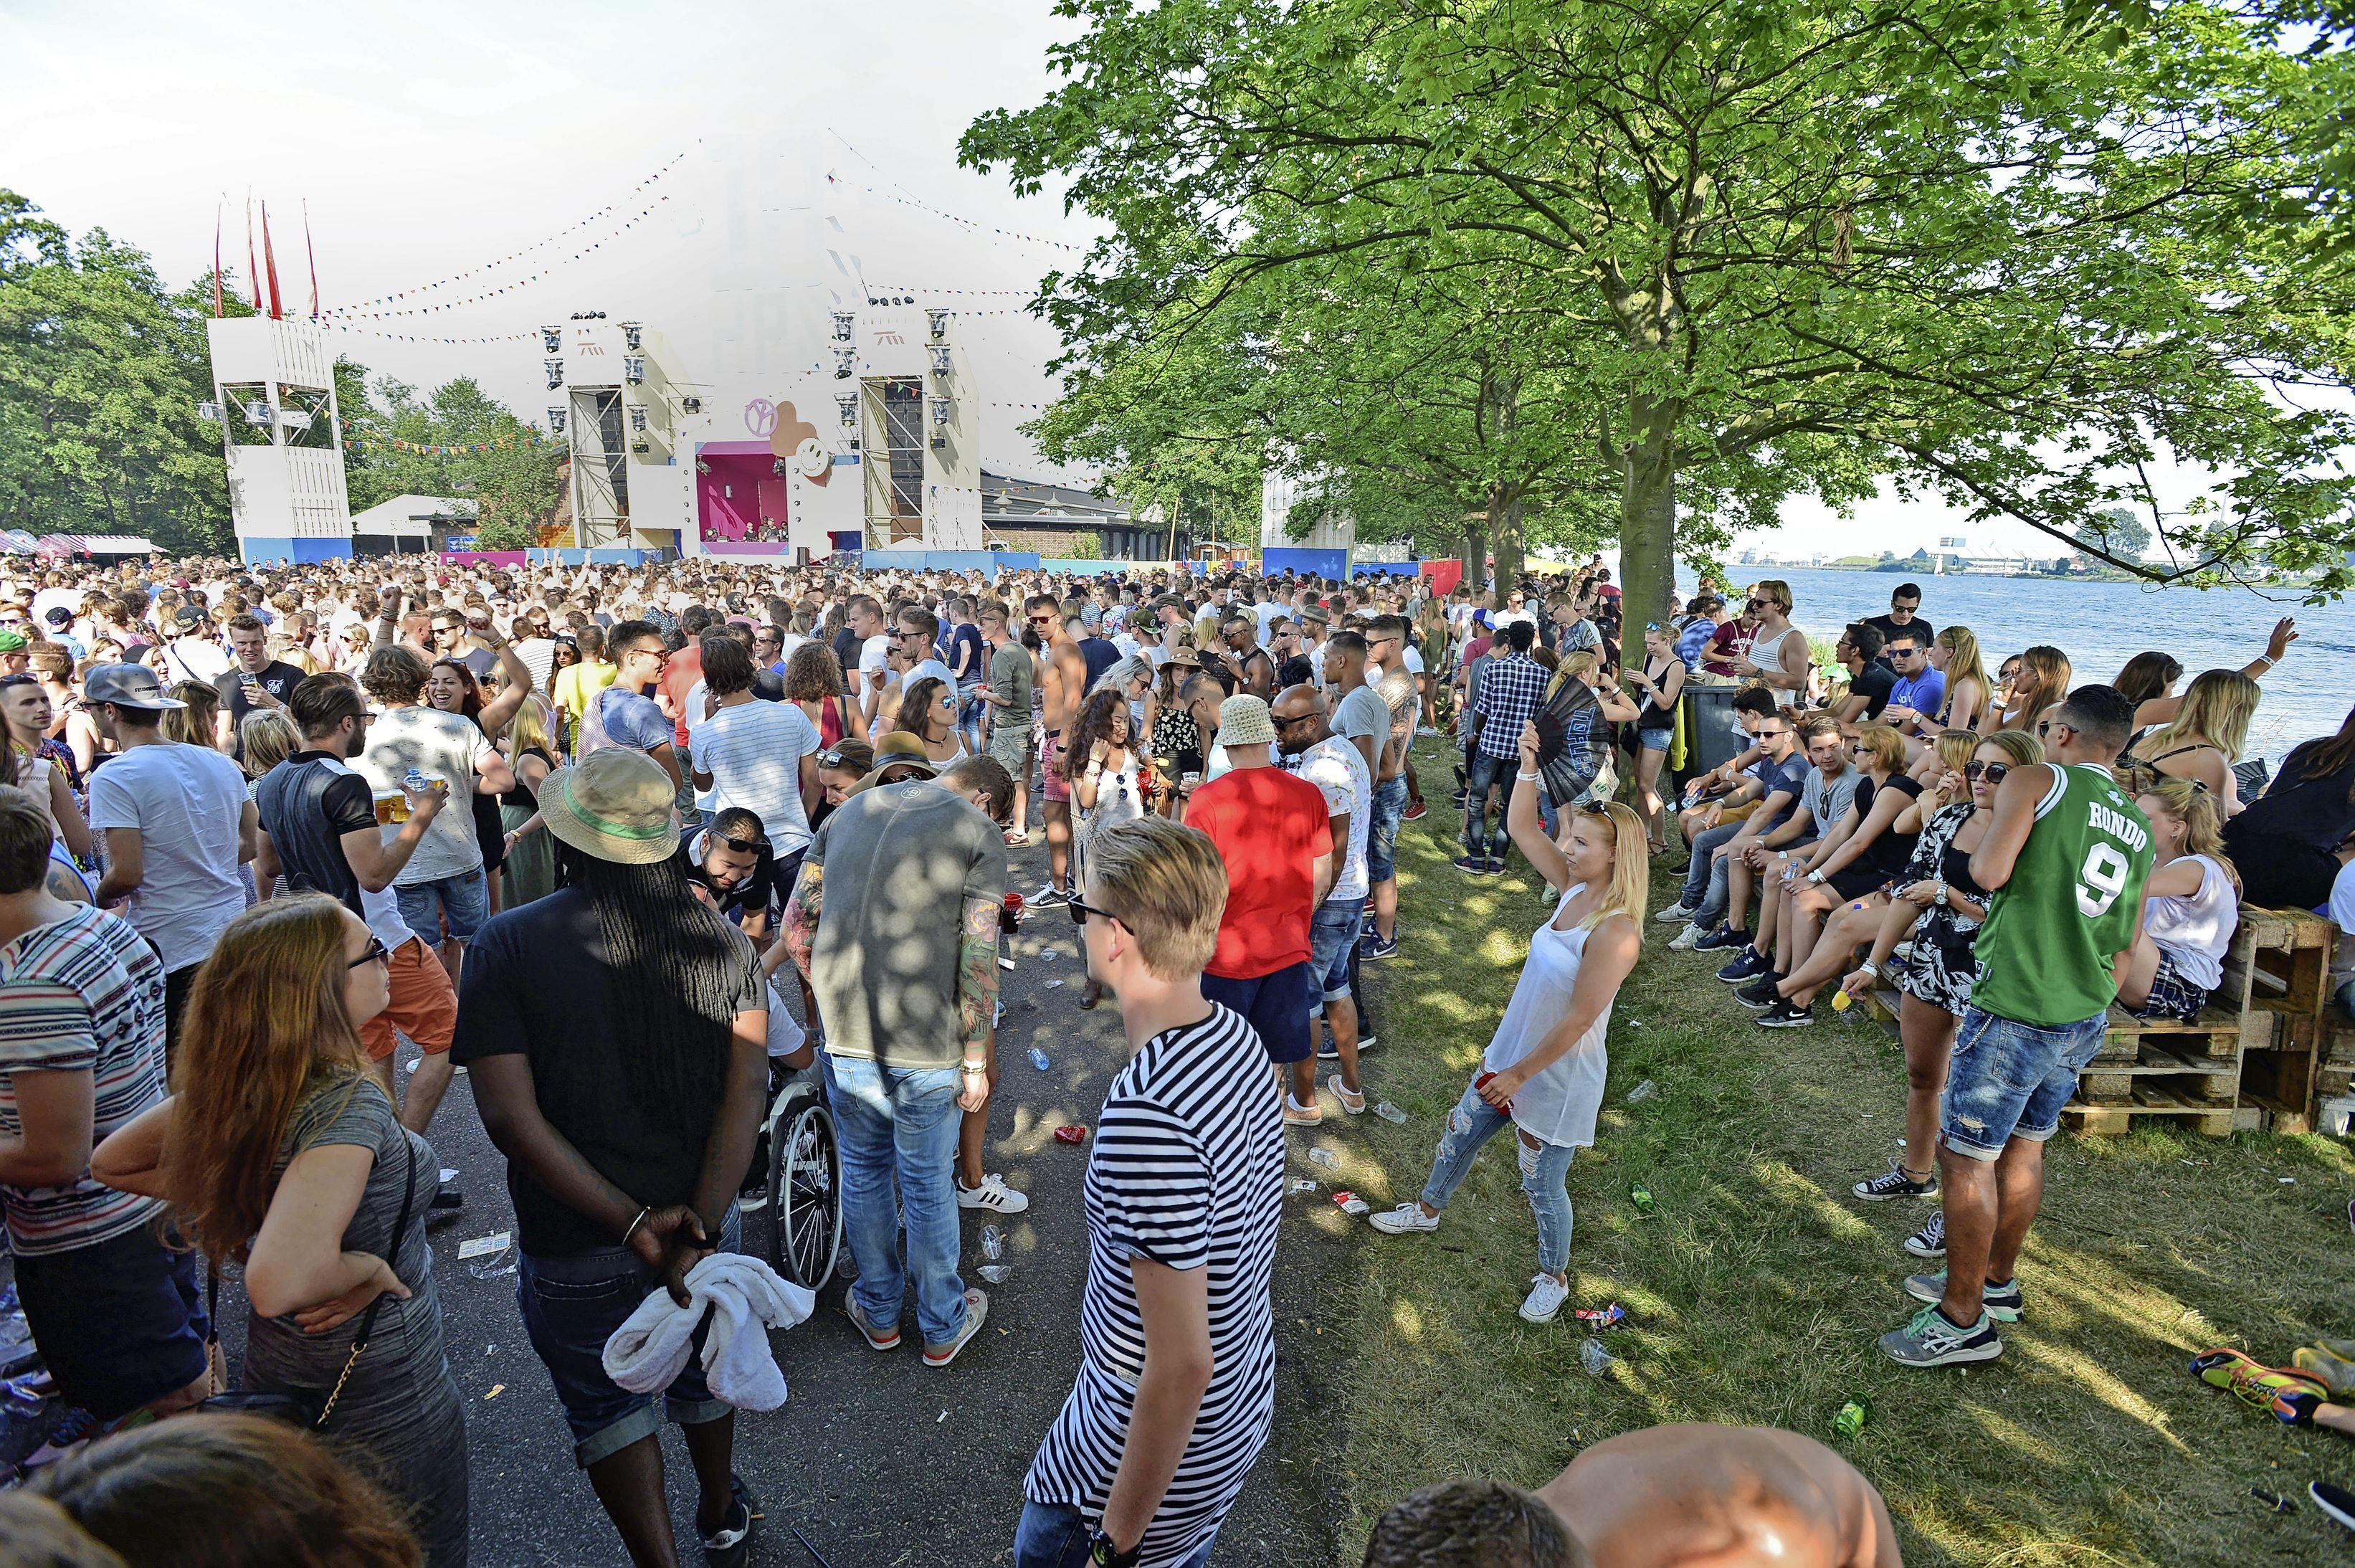 Geen buitenfestivals aan Hemkade: Organisatie 18hrs Festival werkt aan een alternatieve locatie